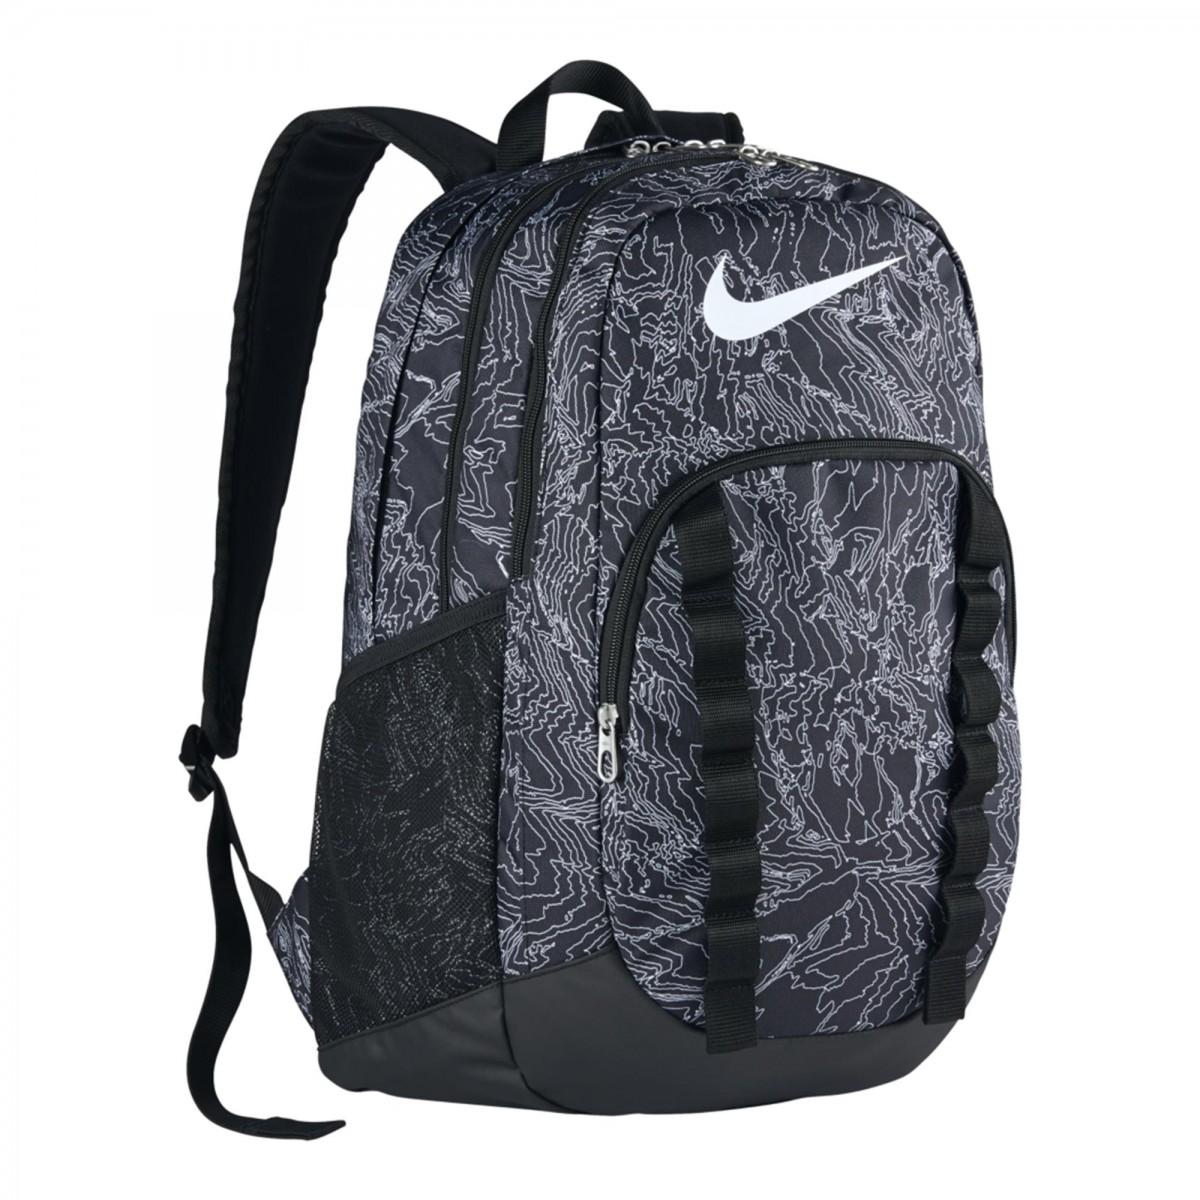 Mochila Nike Brasilia 7 Backpack Graphic Pto / bco Gg